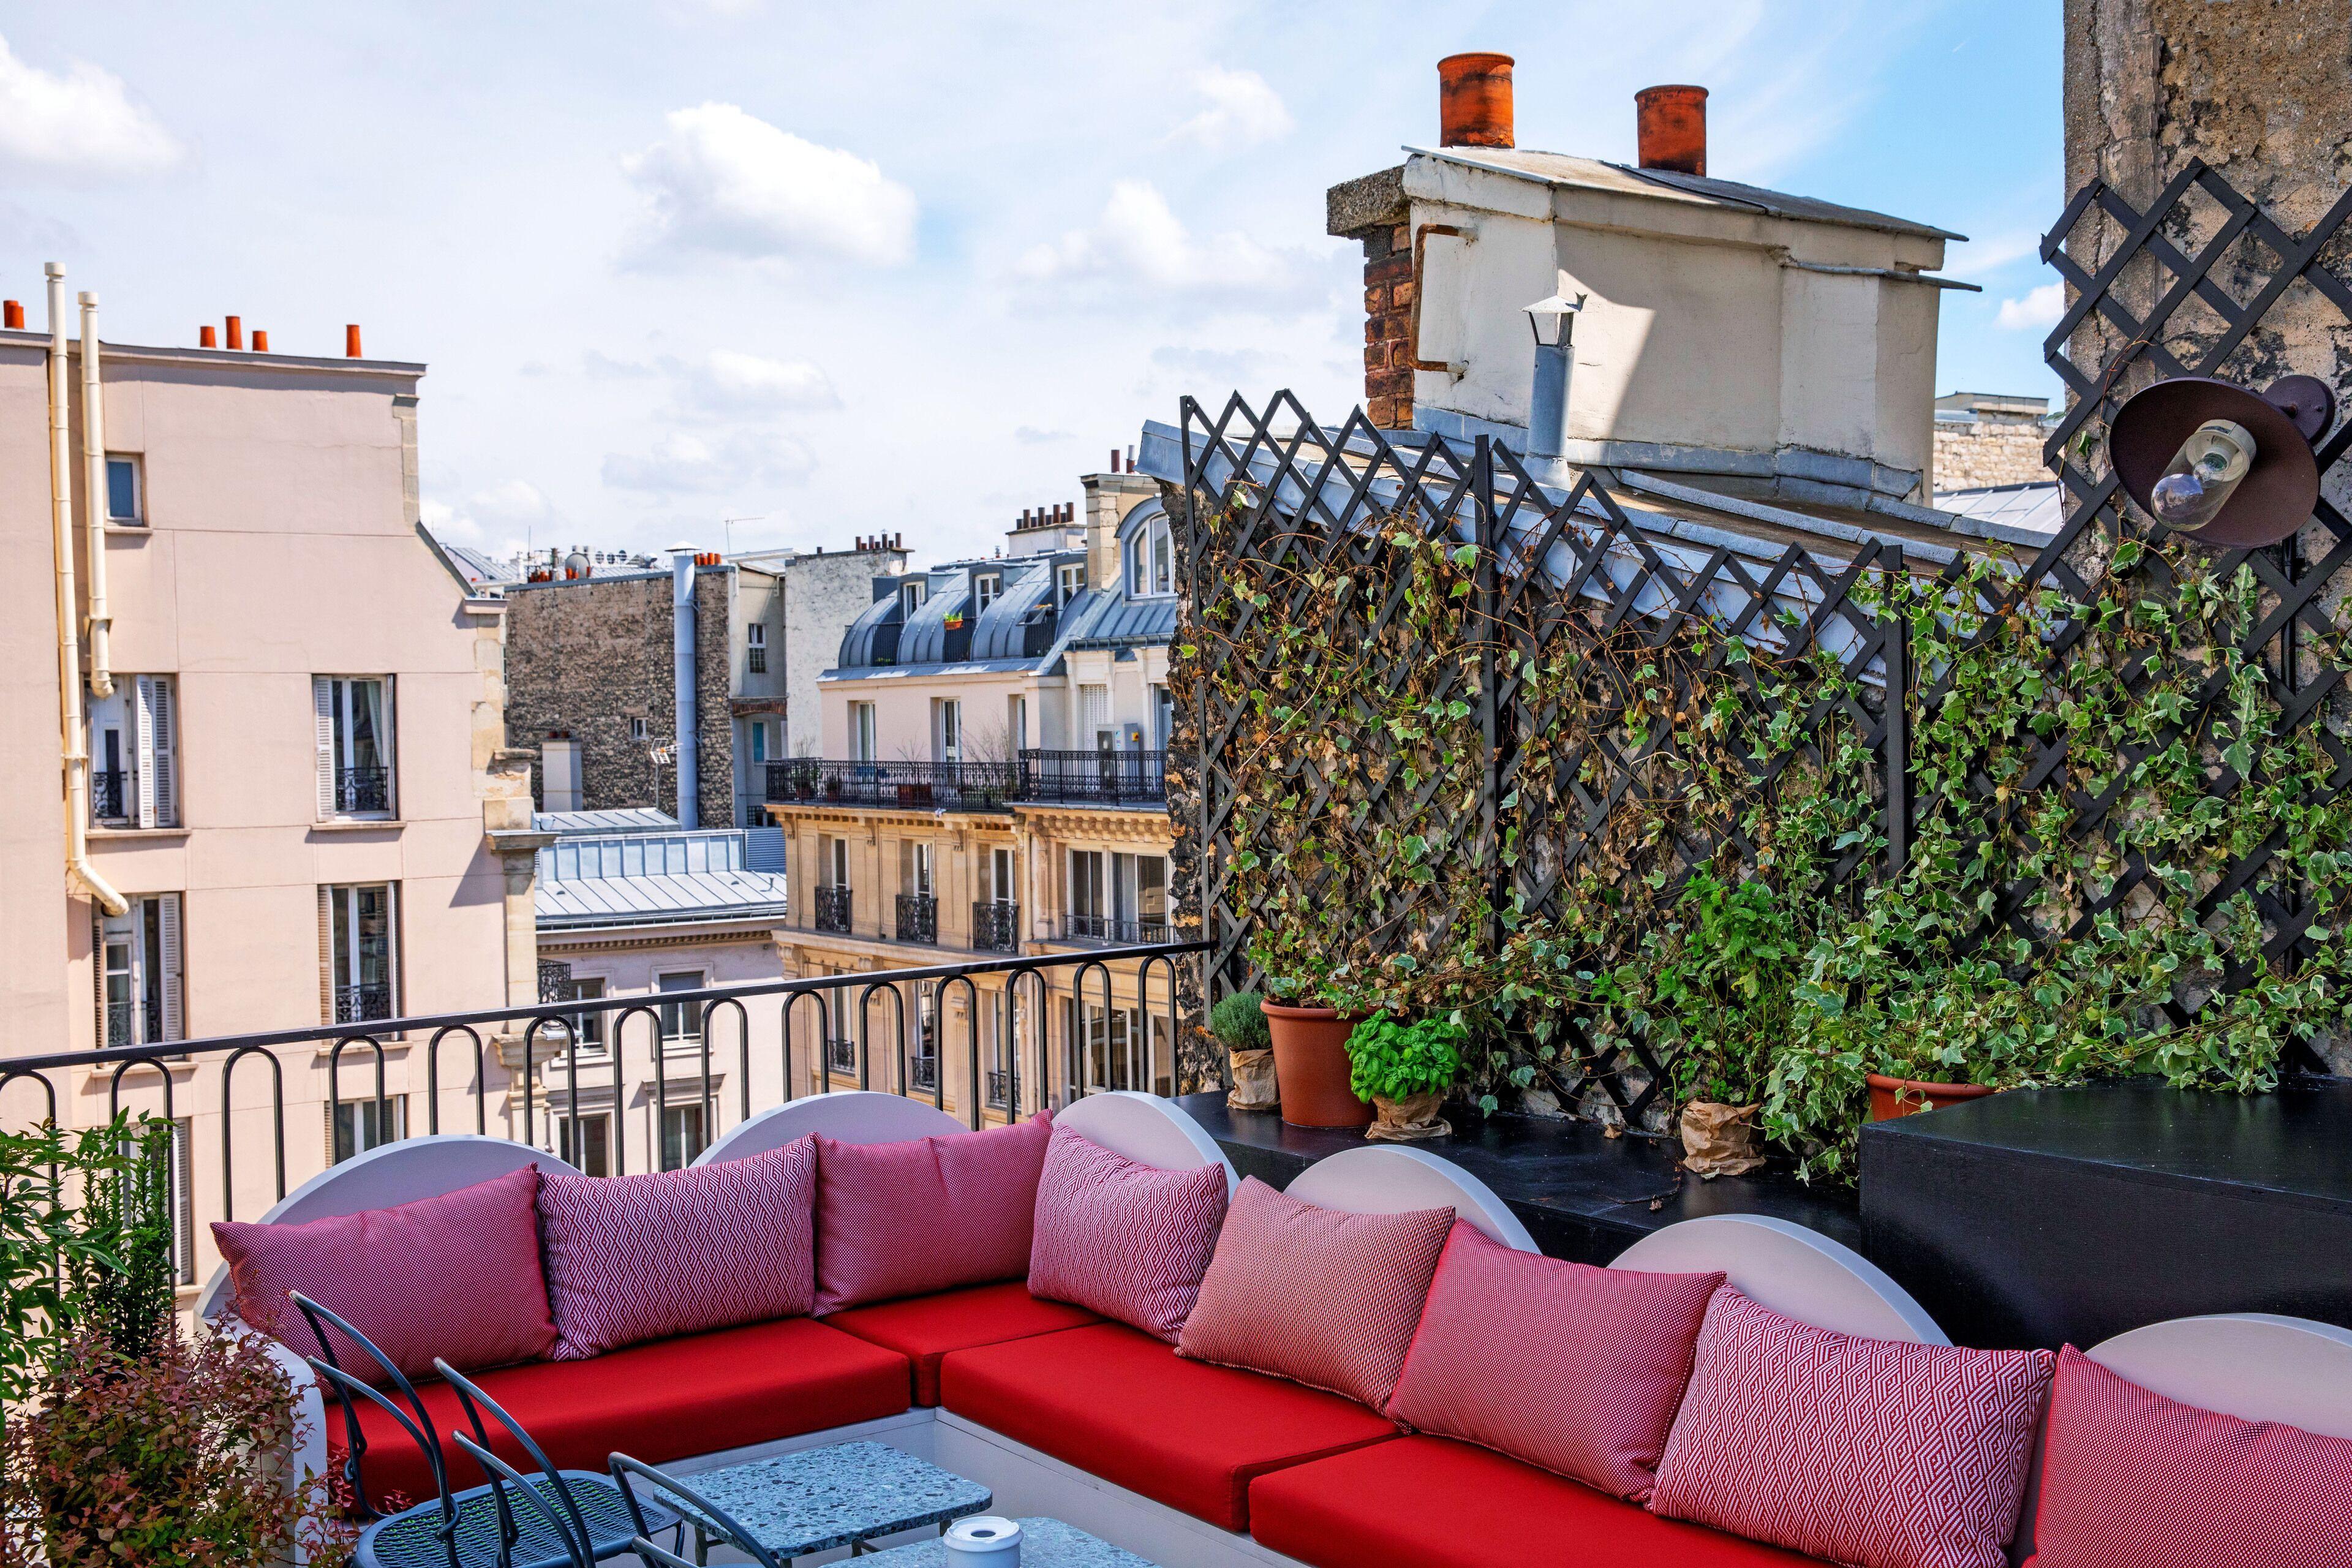 Courtesy of L'Hôtel des Grands Boulevards / Expedia